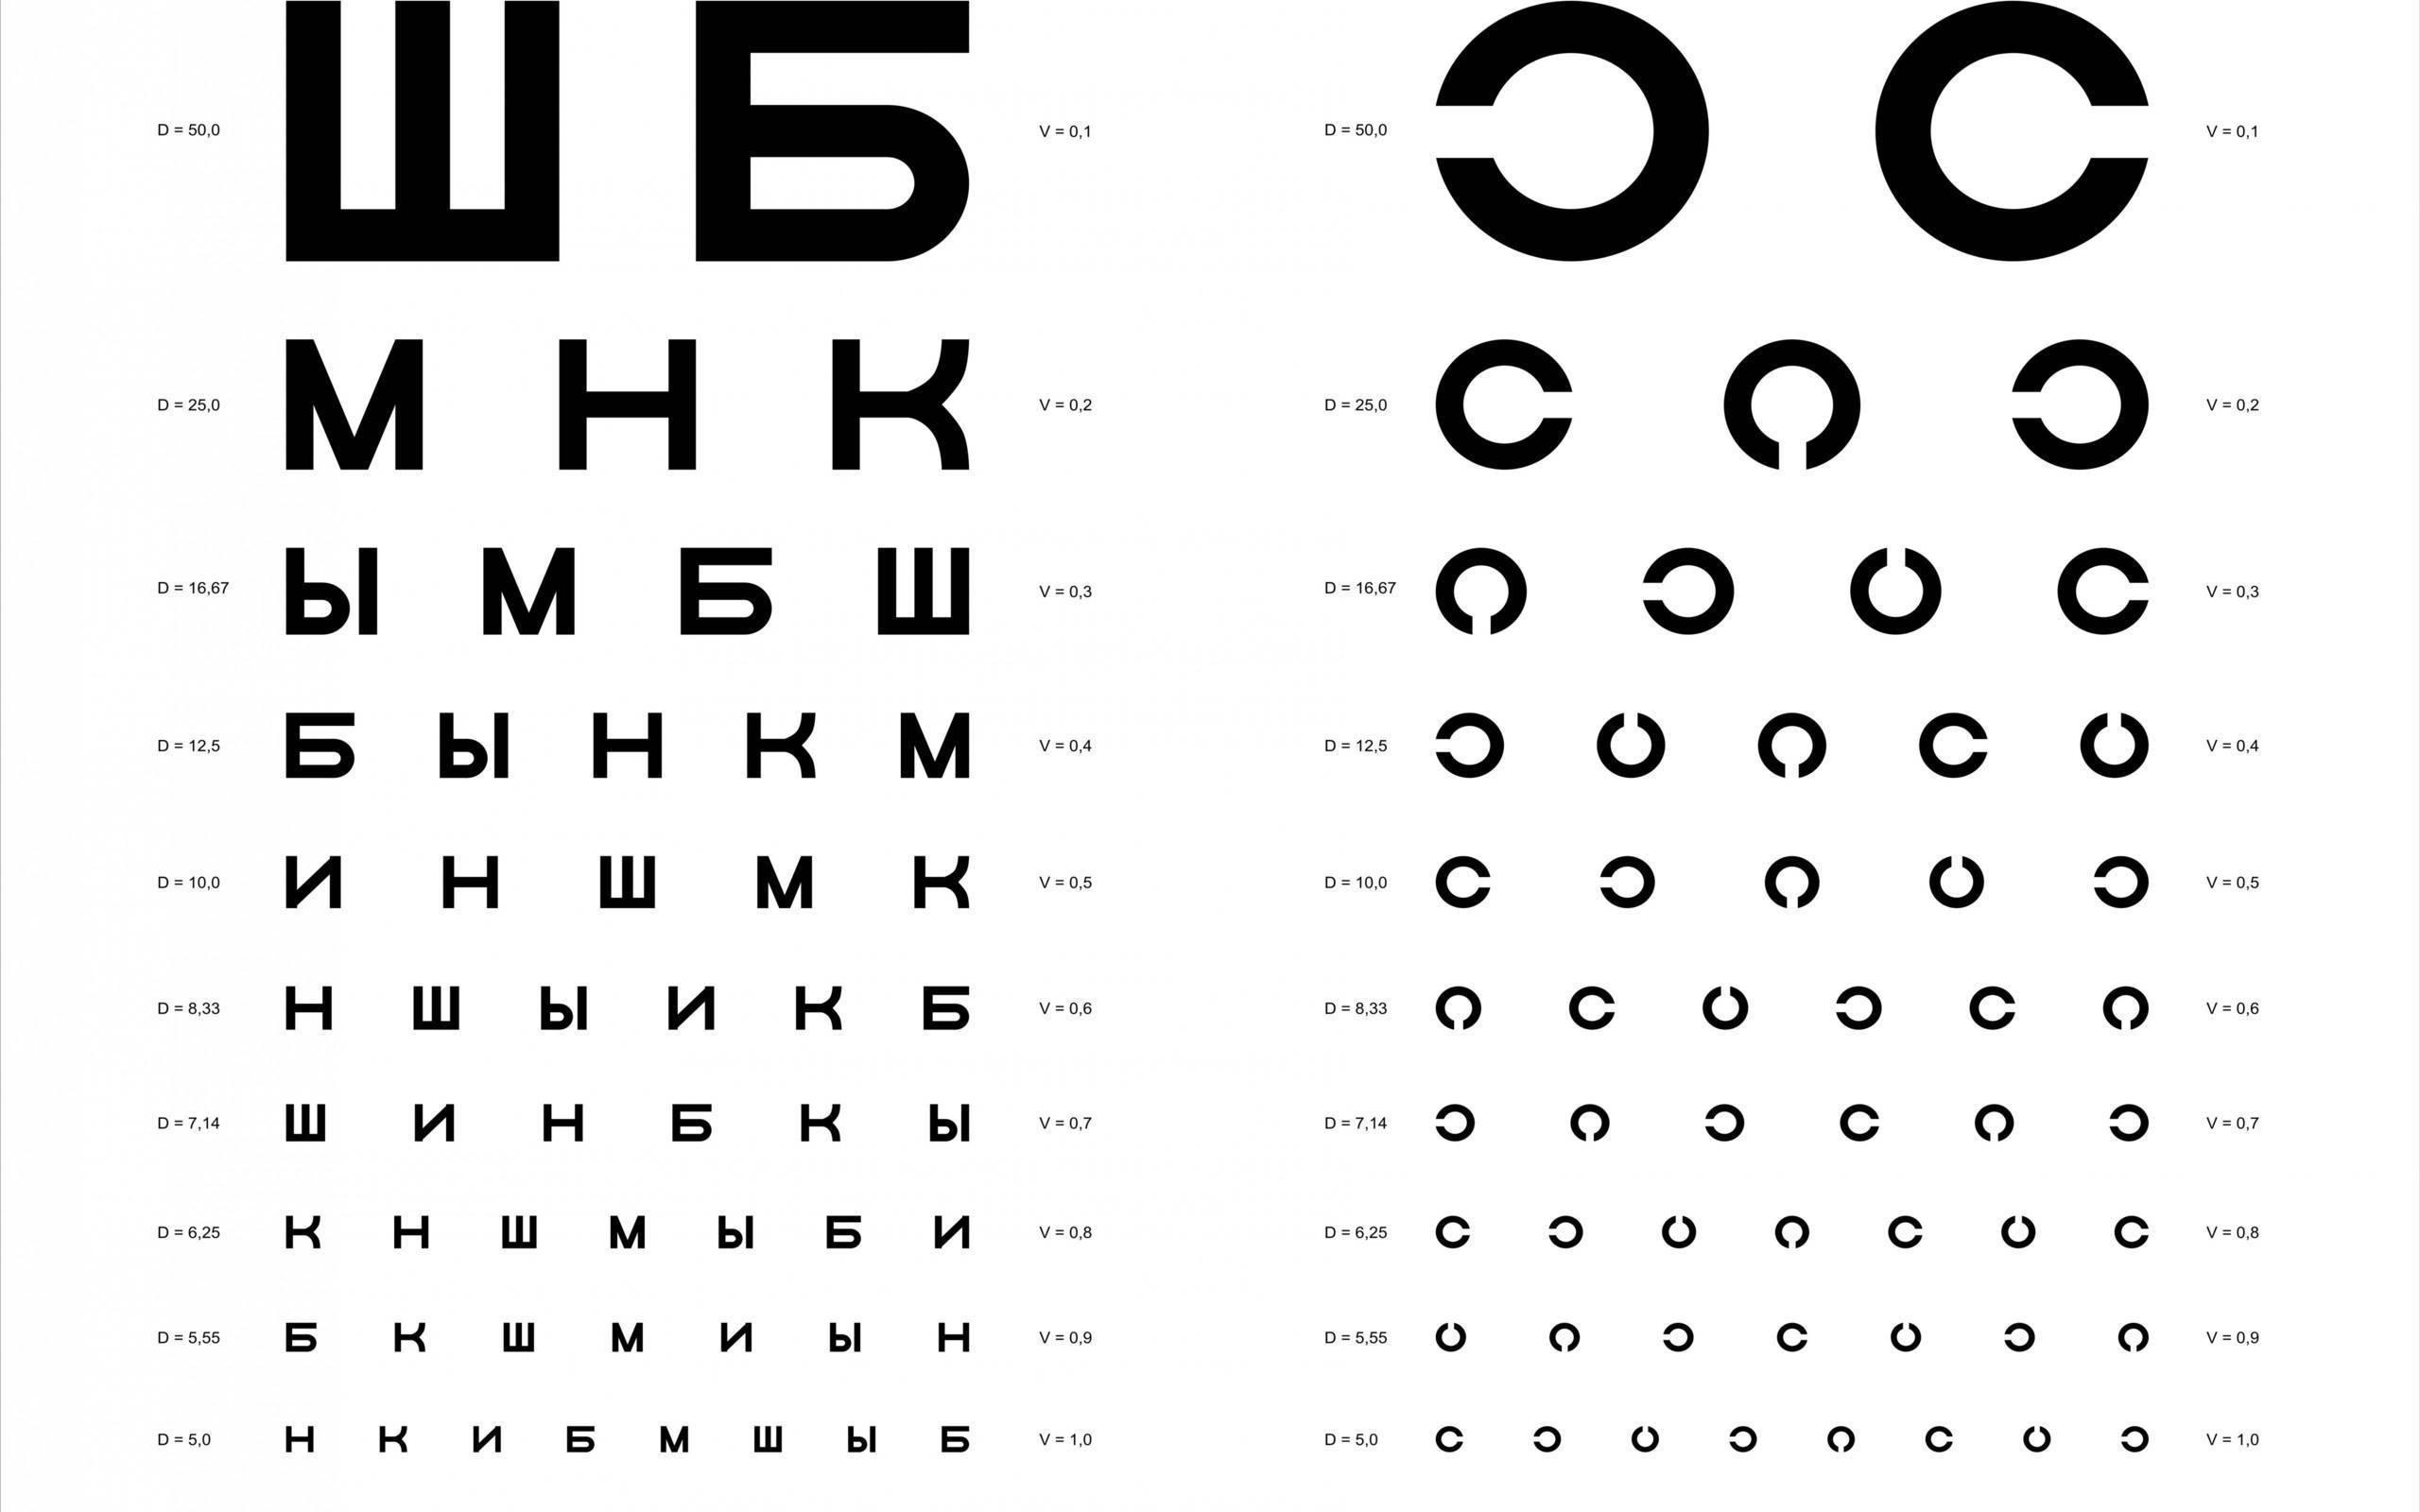 Проверка остроты зрения для детей — таблица орловой